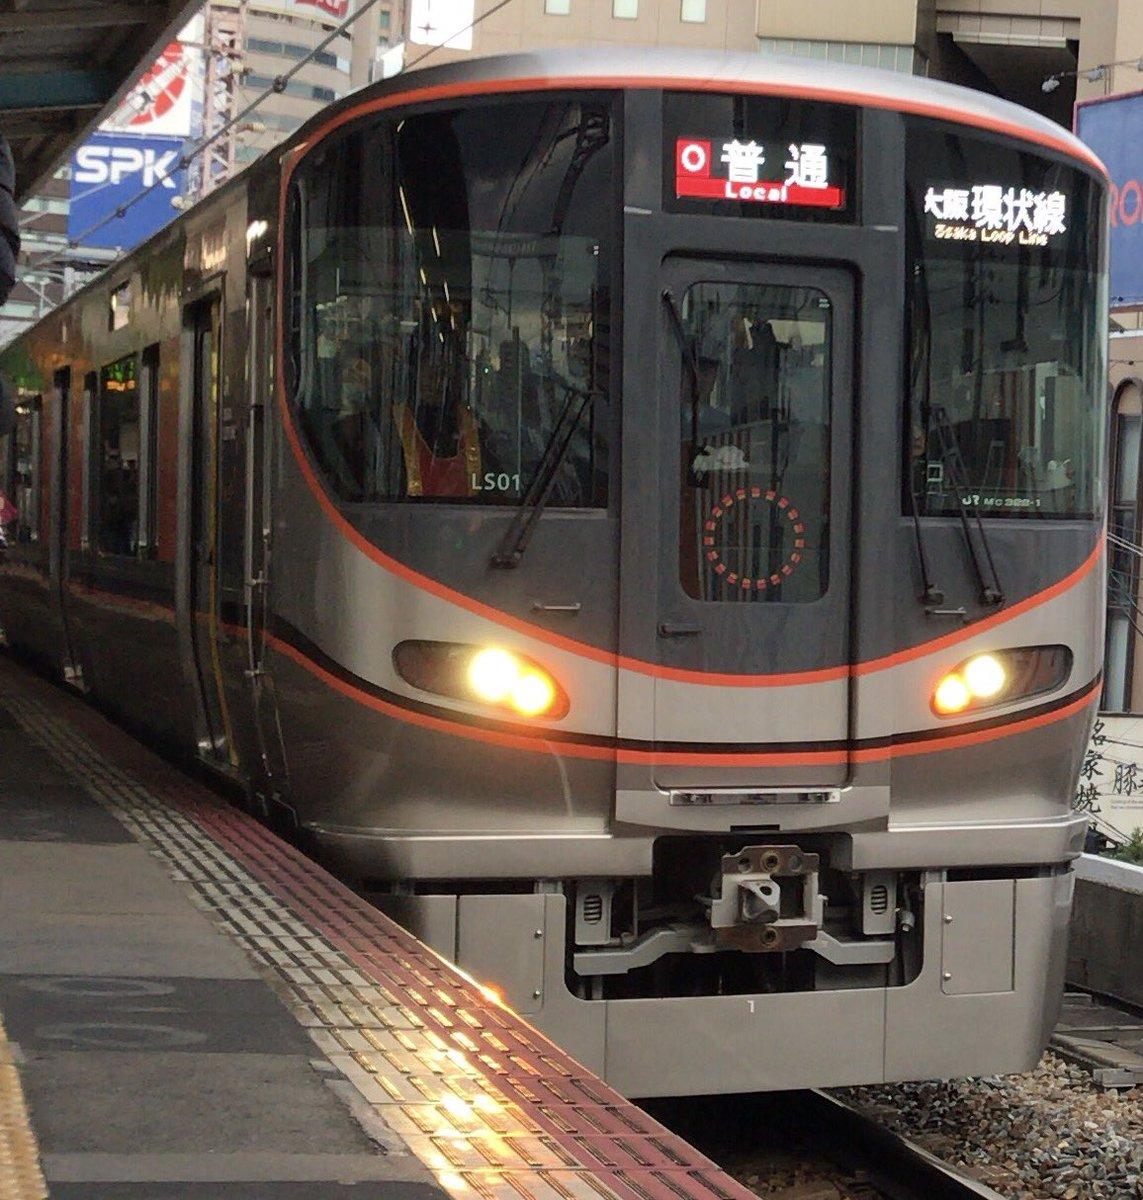 大阪環状線の新型車両323系遭遇しました 夜も動いてたら乗ります(昨日日比谷線乗った僕が云うのもアレだけど車内比較にならないレベルの阿鼻叫喚地獄絵図 https://t.co/mI9UcI9juH